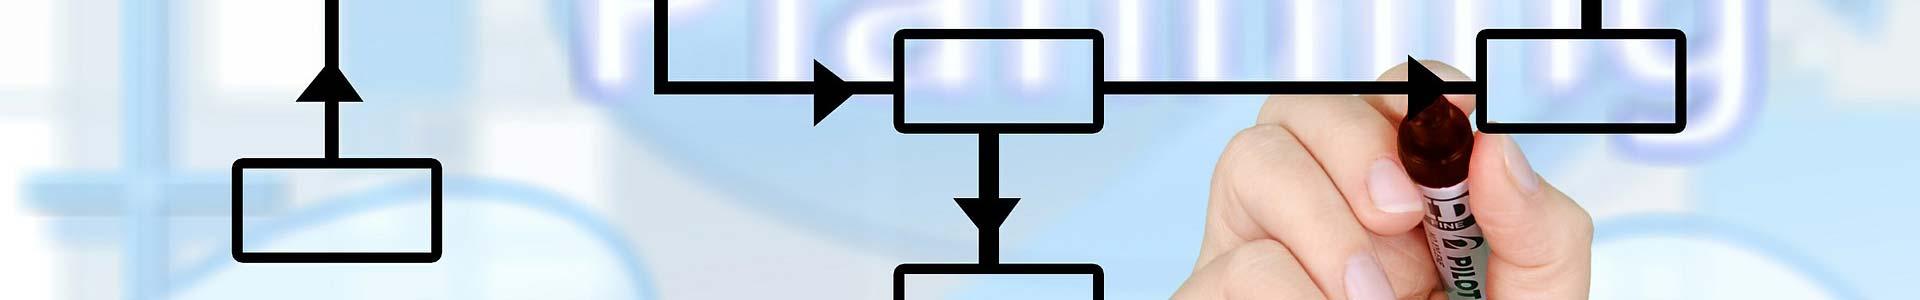 System obiegu dokumentów